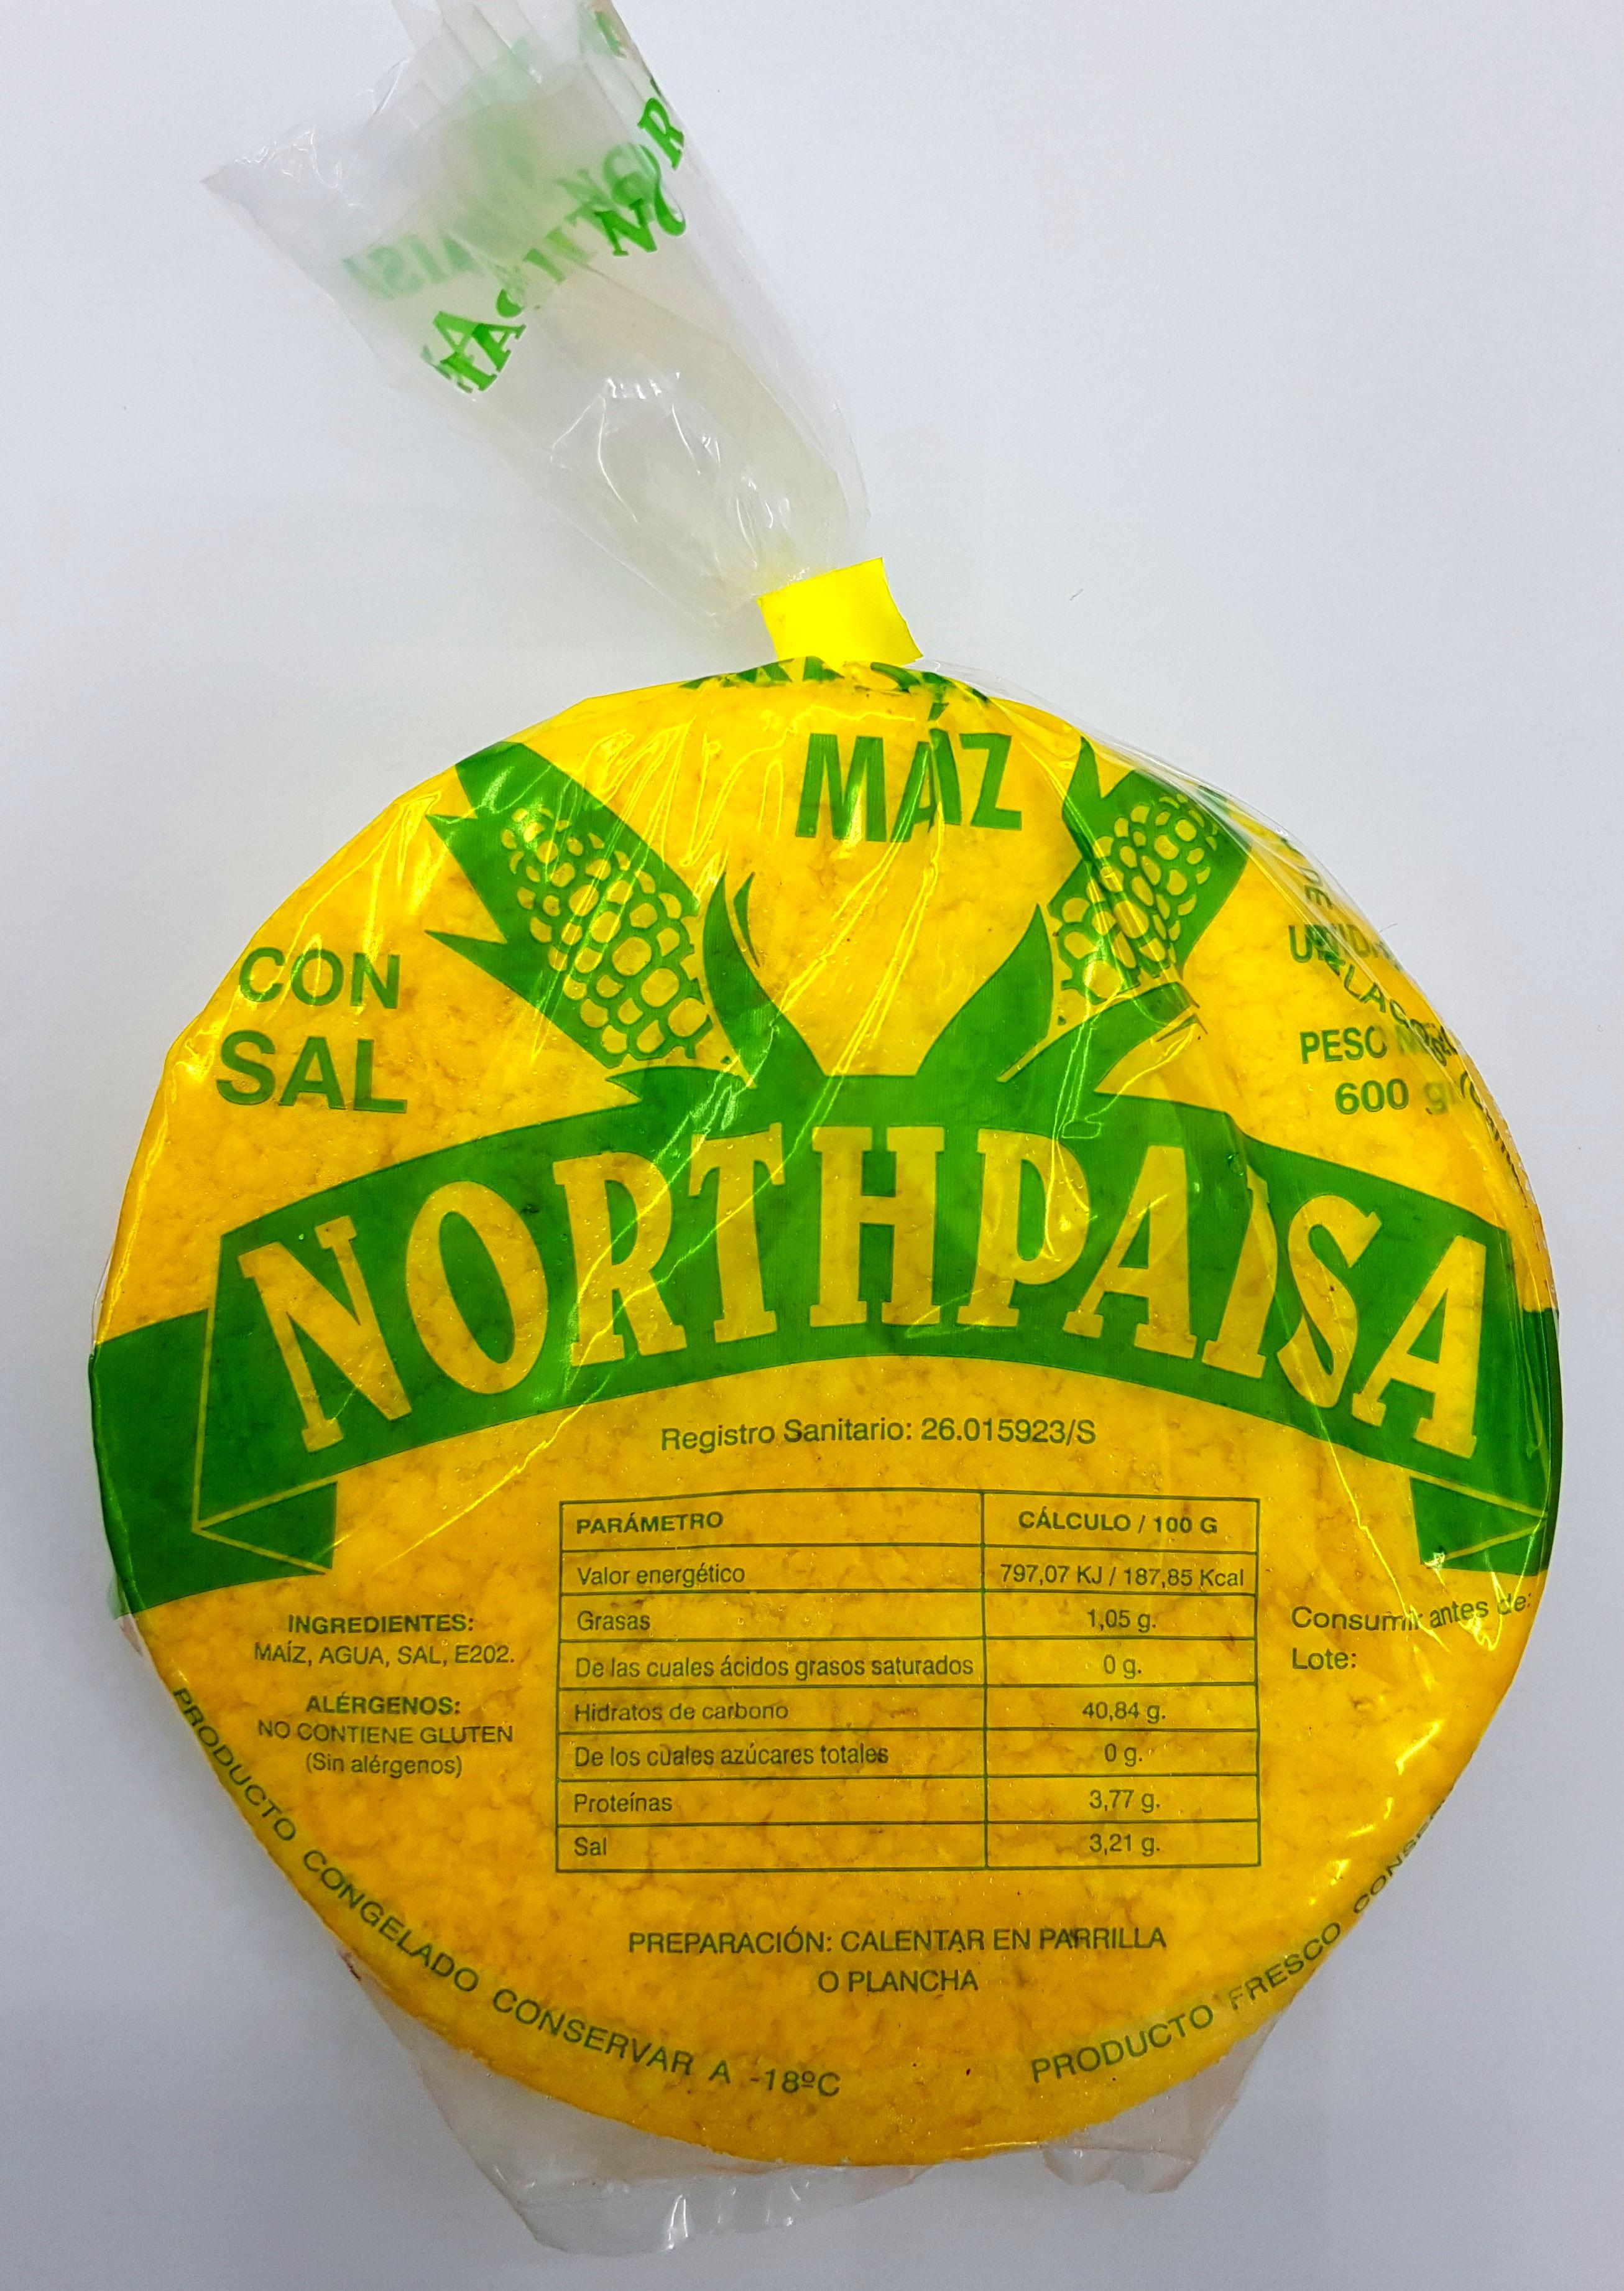 NORTHPAISA MAIZ AMARILLO: PRODUCTOS de La Cabaña 5 continentes